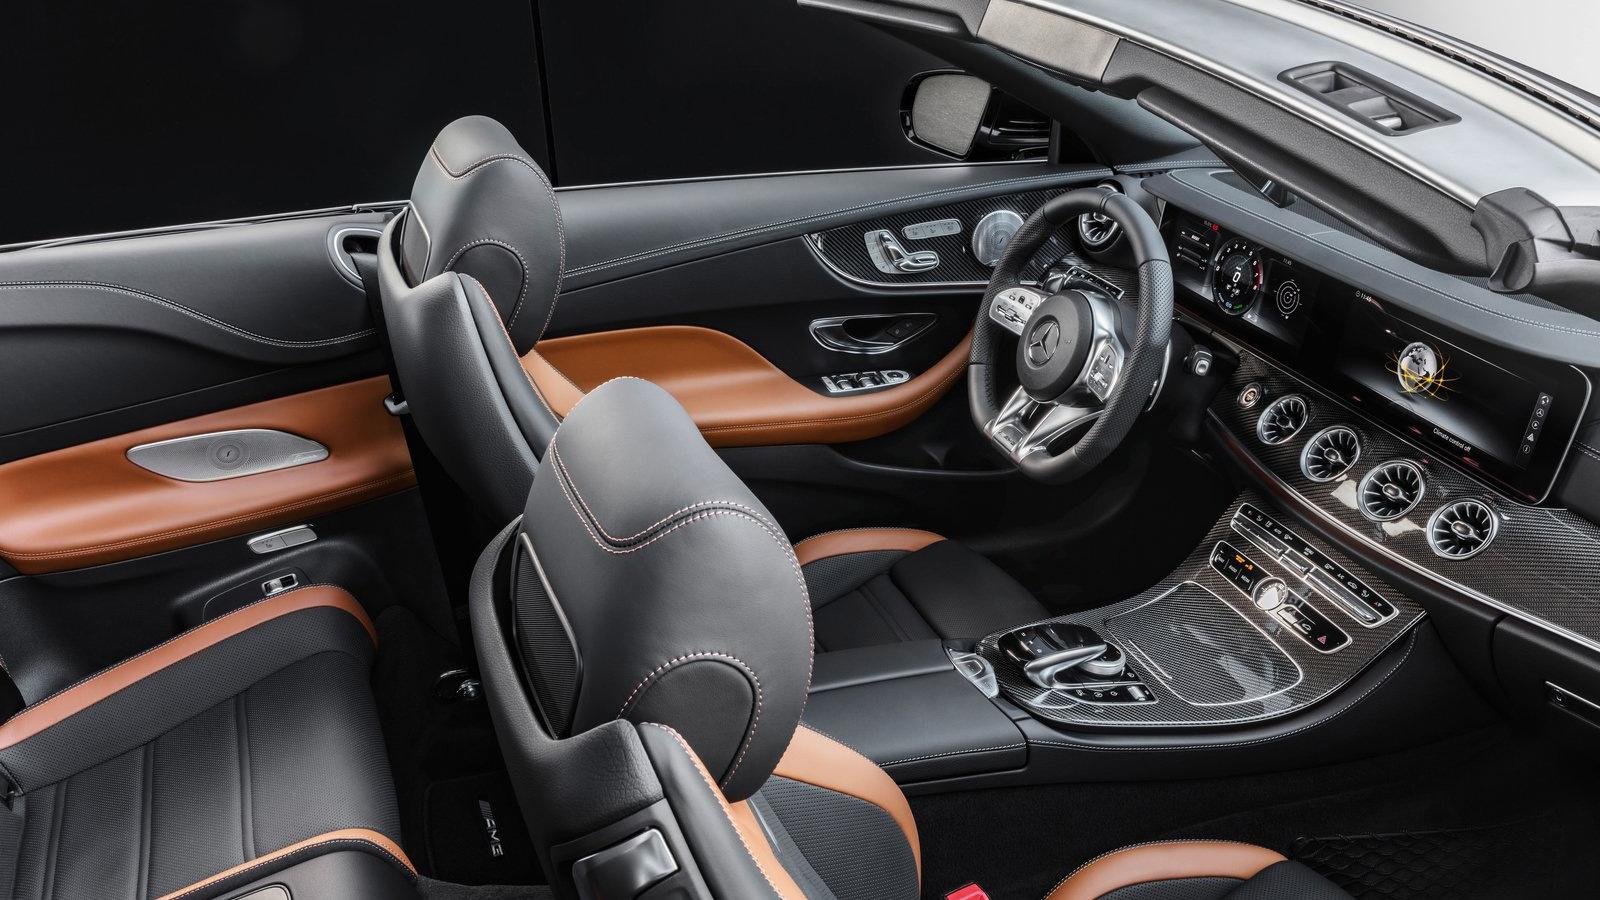 mercedes-benz-e53-amg-cabriolet-2019-1600-0c.jpg